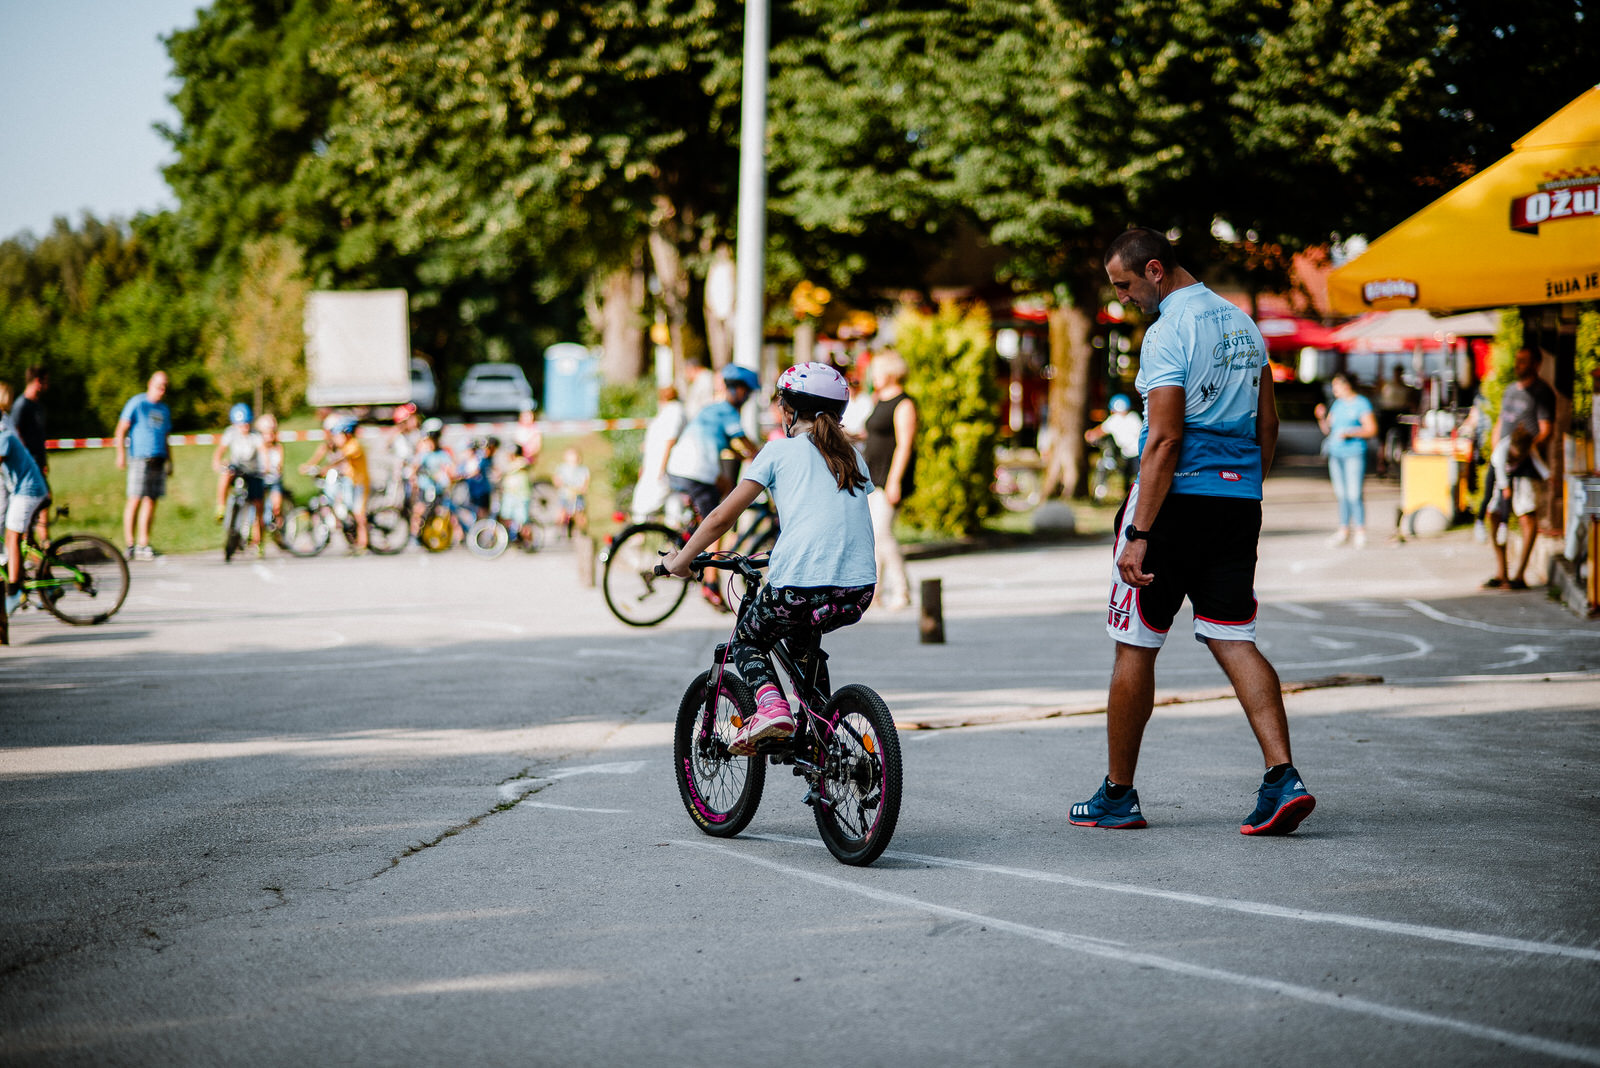 likaclub_rakovica_1-mala-biciklijada_2019-8